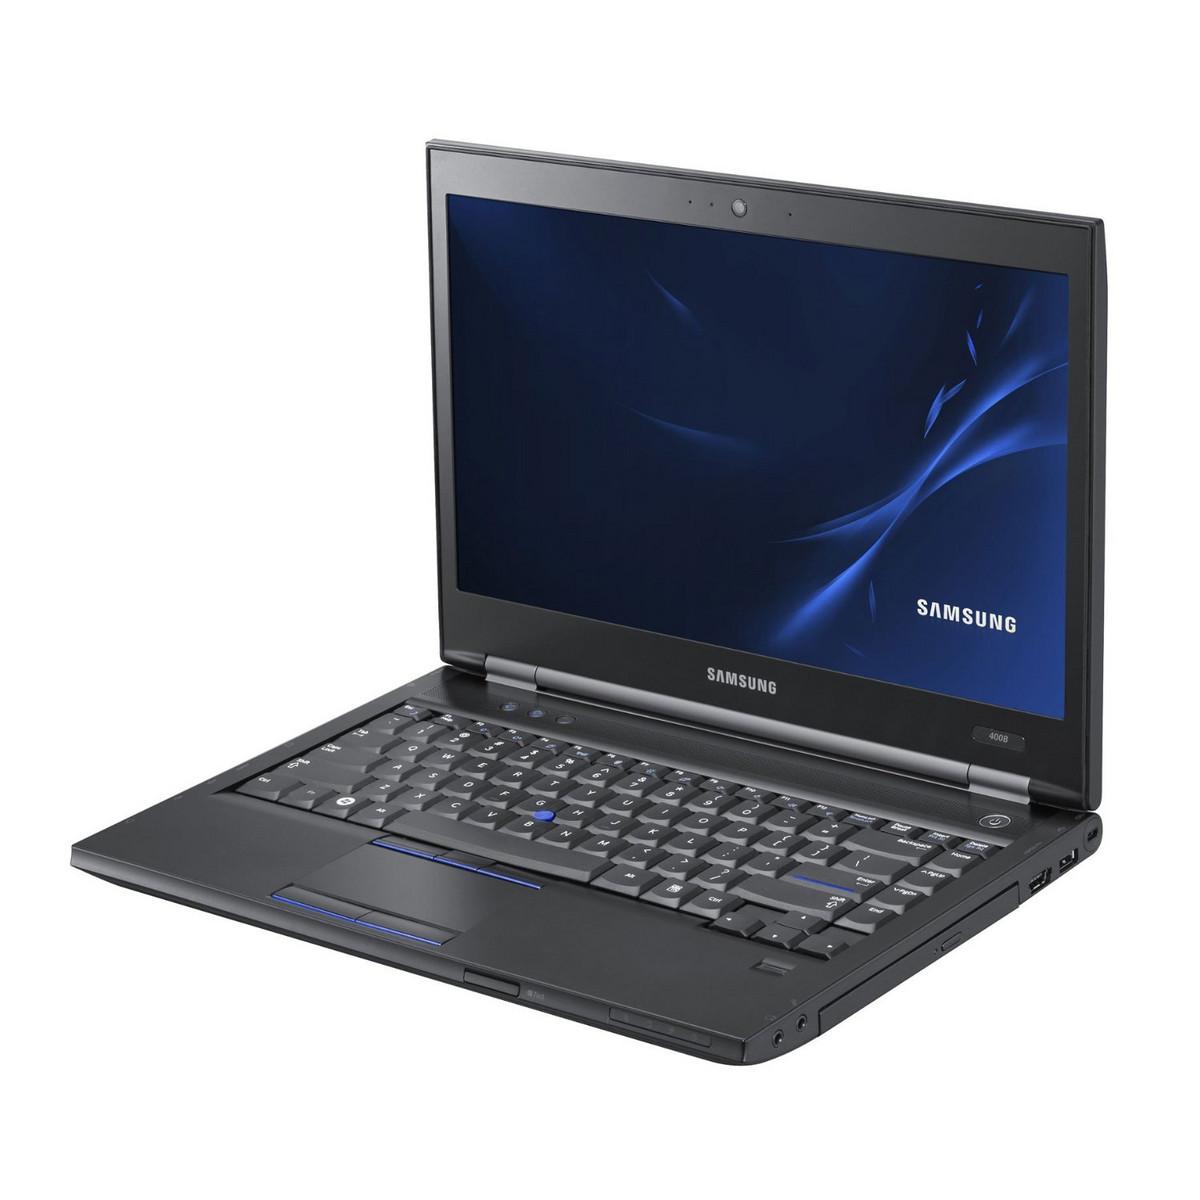 אדיר מחשב נייד Samsung הכולל מעבד i7 זיכרון 8GB דיסק לבחירה 120GB SSD EN-94